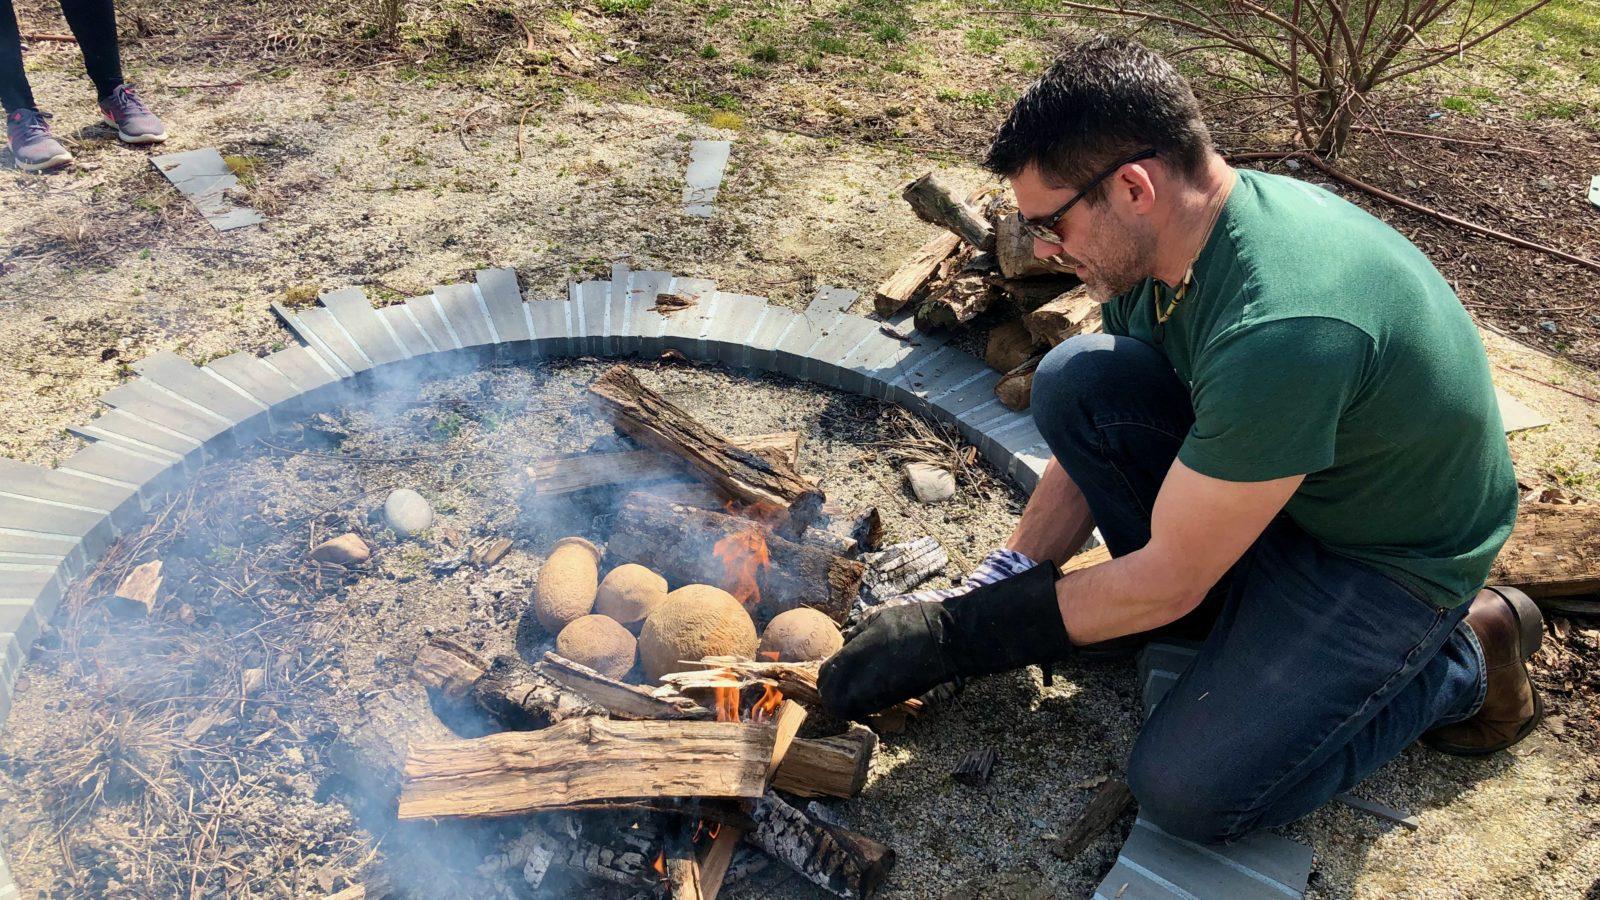 Pot making over an open fire